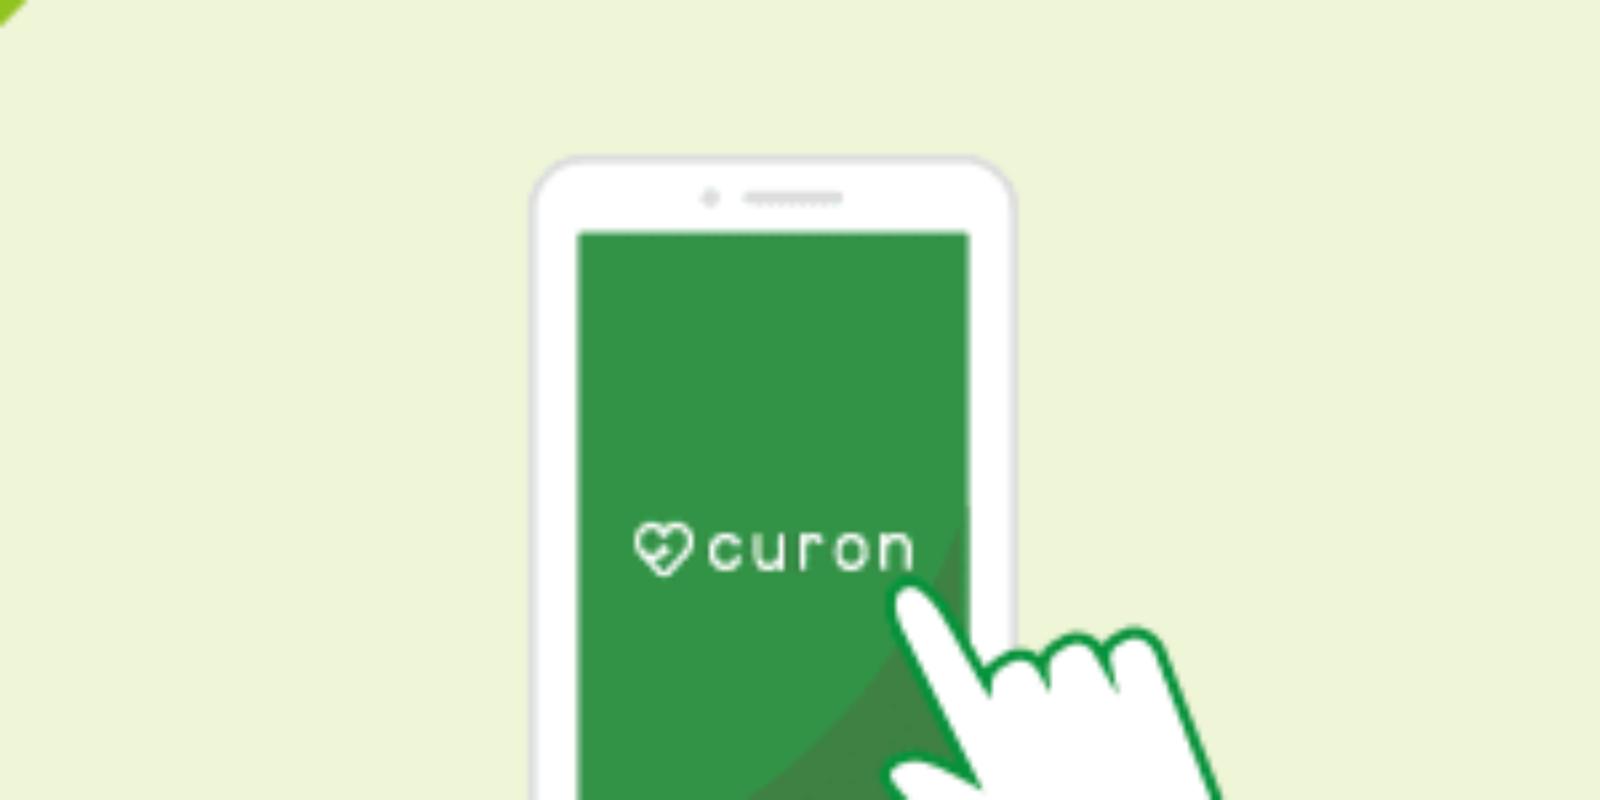 curon_flow_b_1